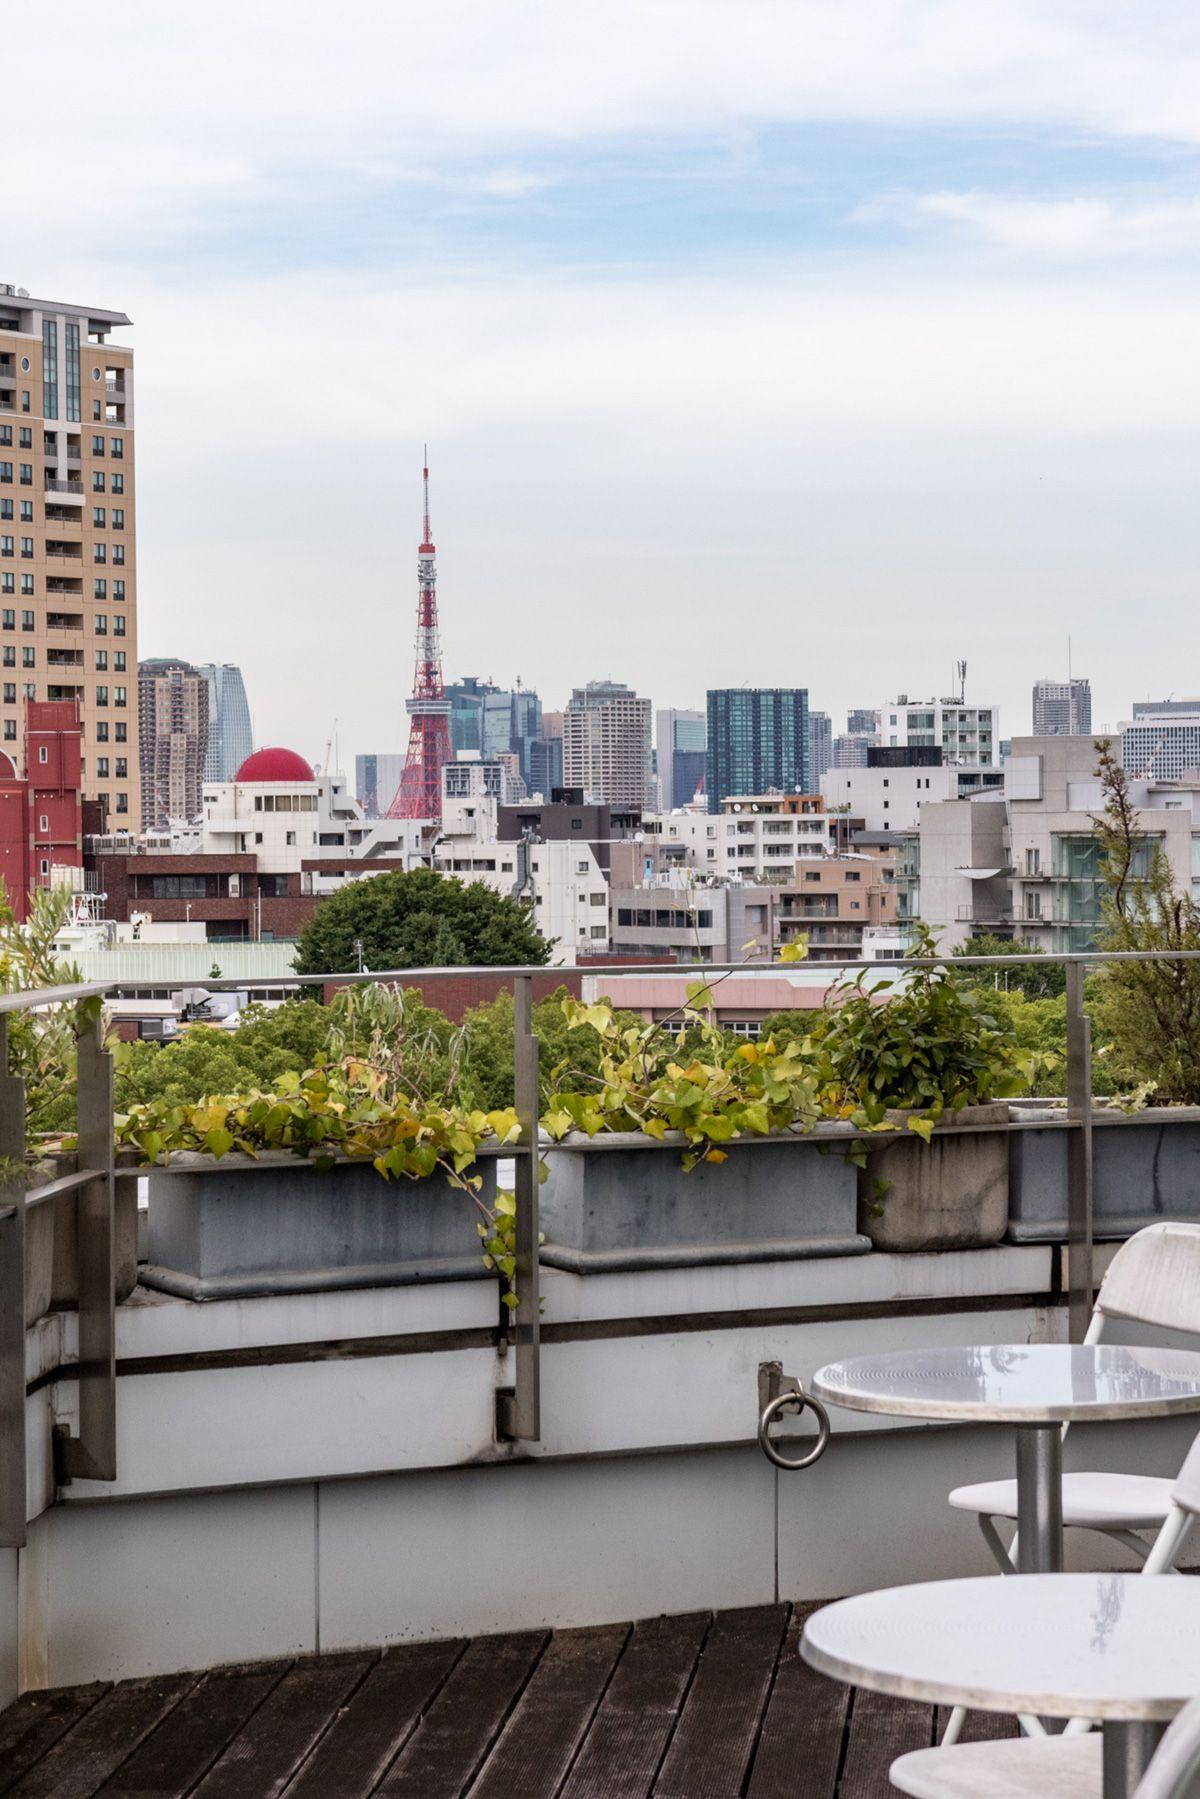 プラックス/ショールームバルコニー先には東京タワー